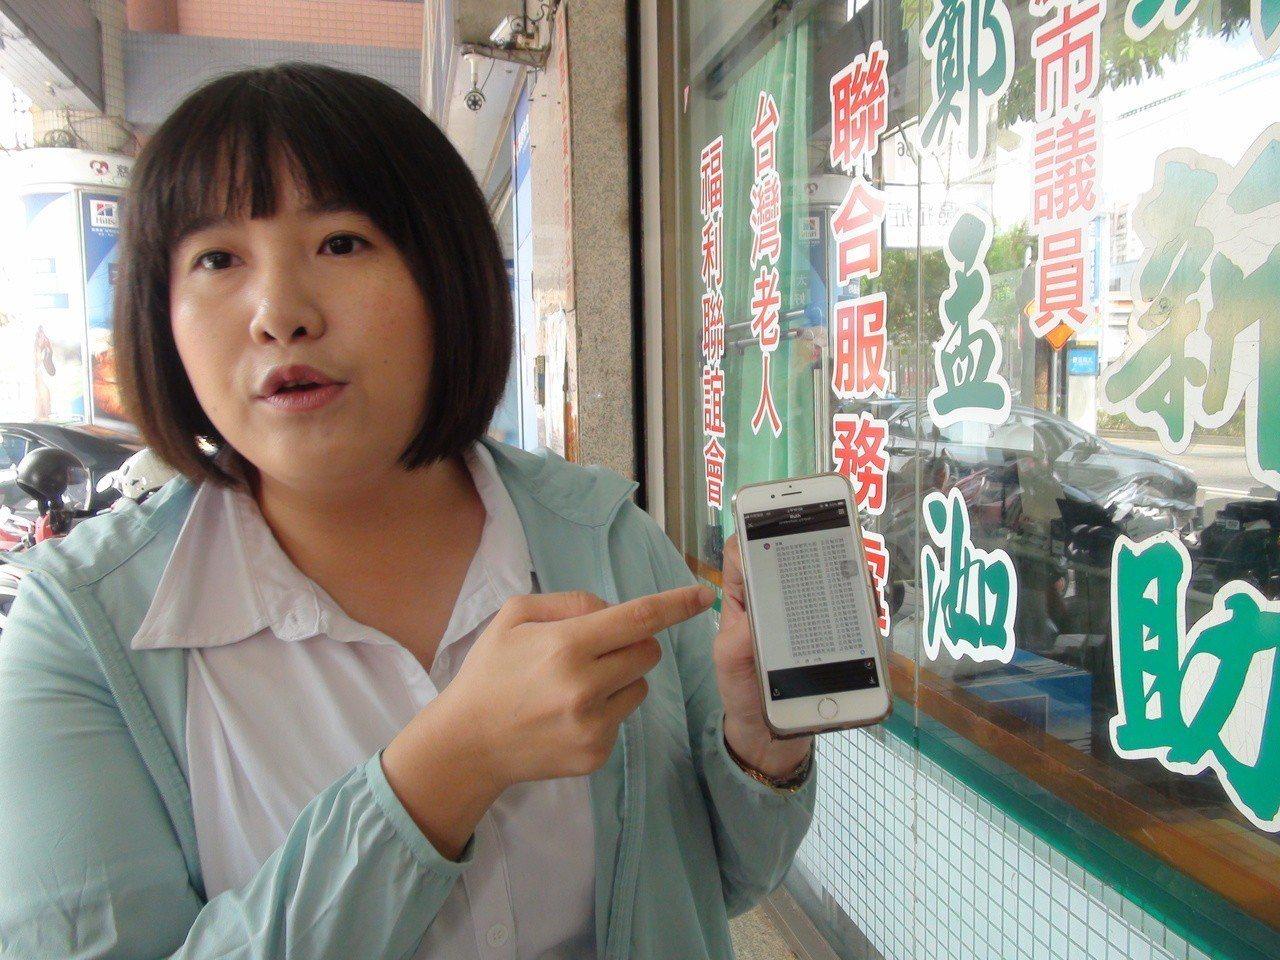 鄭孟洳今受訪時表示,這名李姓網友在臉書粉專上不停批判她,還以洗版方式辱罵她,「因...